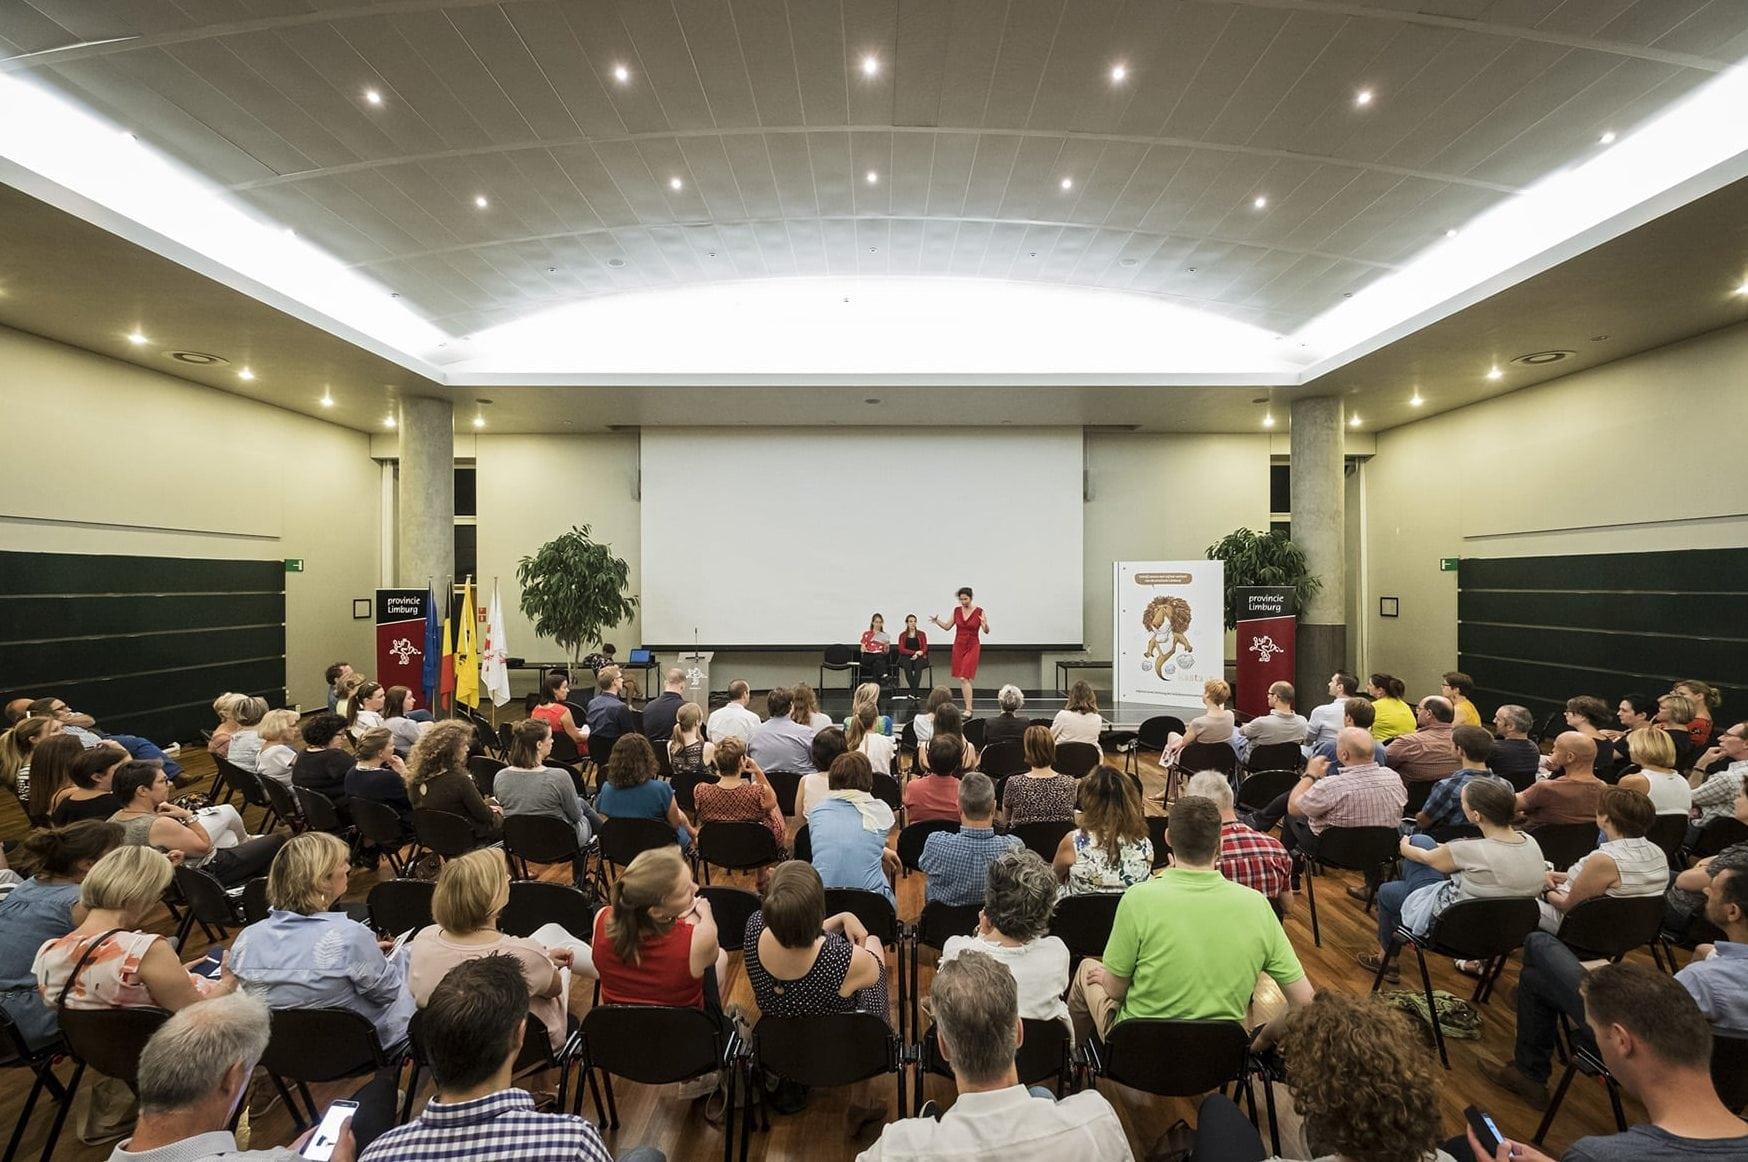 Improvisatietheater als intermezzo op studiedagen en andere bijeenkomsten. Hier voor de nieuwe missie en visie van de provincie Limburg.